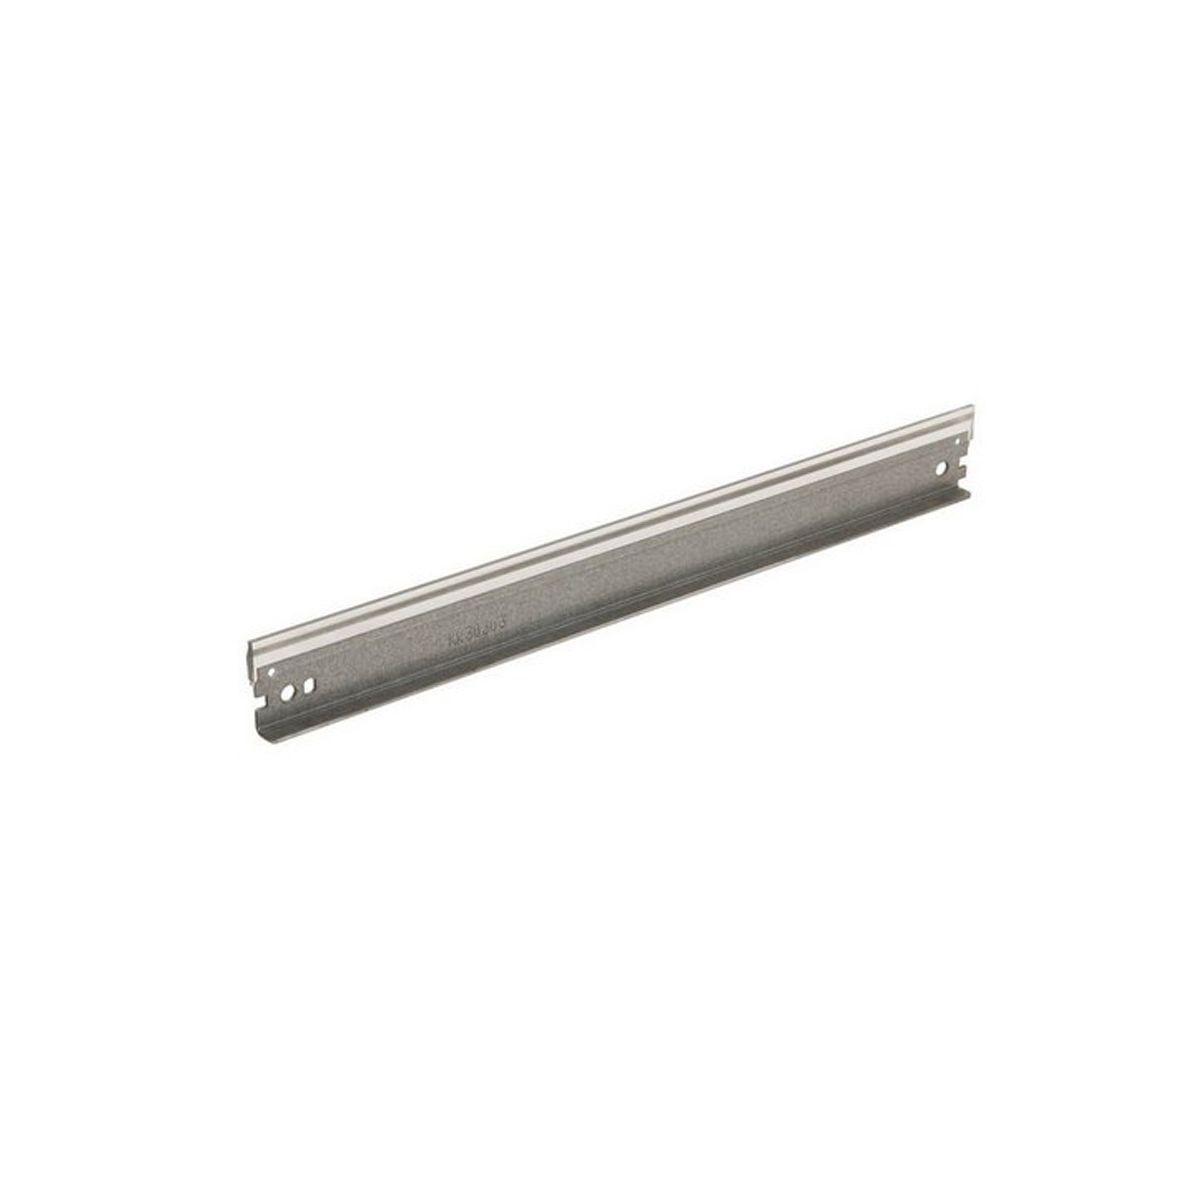 Lamina Limpeza Wiper Blade HP CE278 278A 278 - M1536NF M1536 1536 P1606N 1606DN 1606